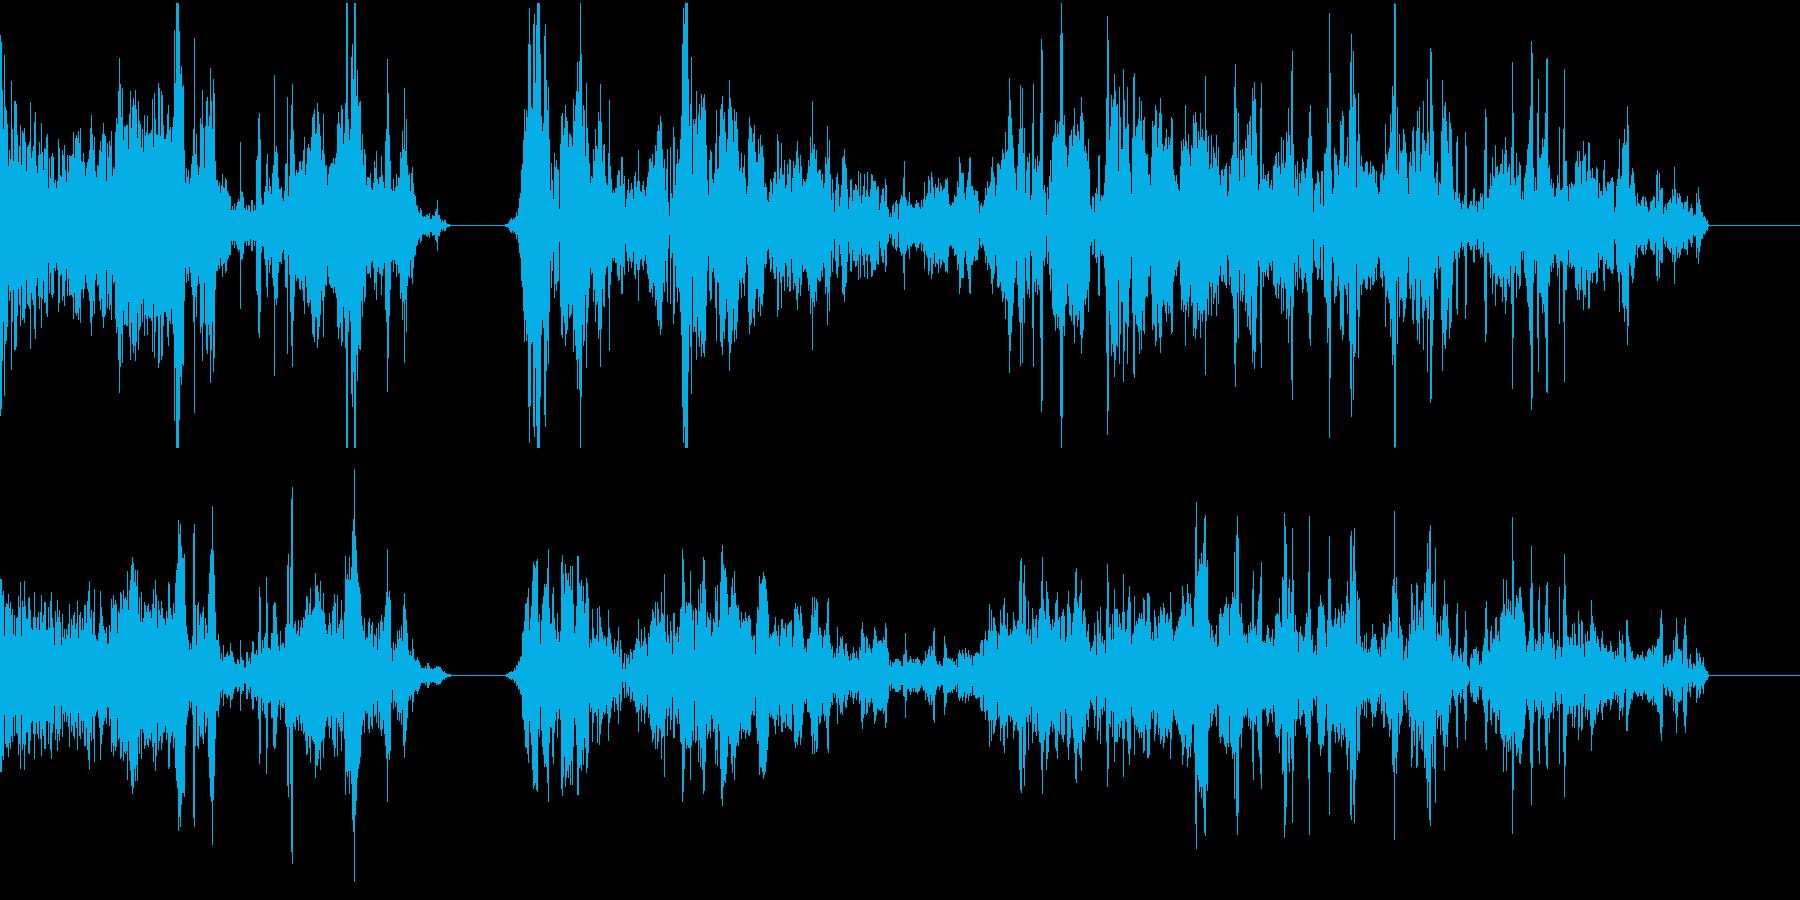 TVFX POPなザッピング音 2の再生済みの波形